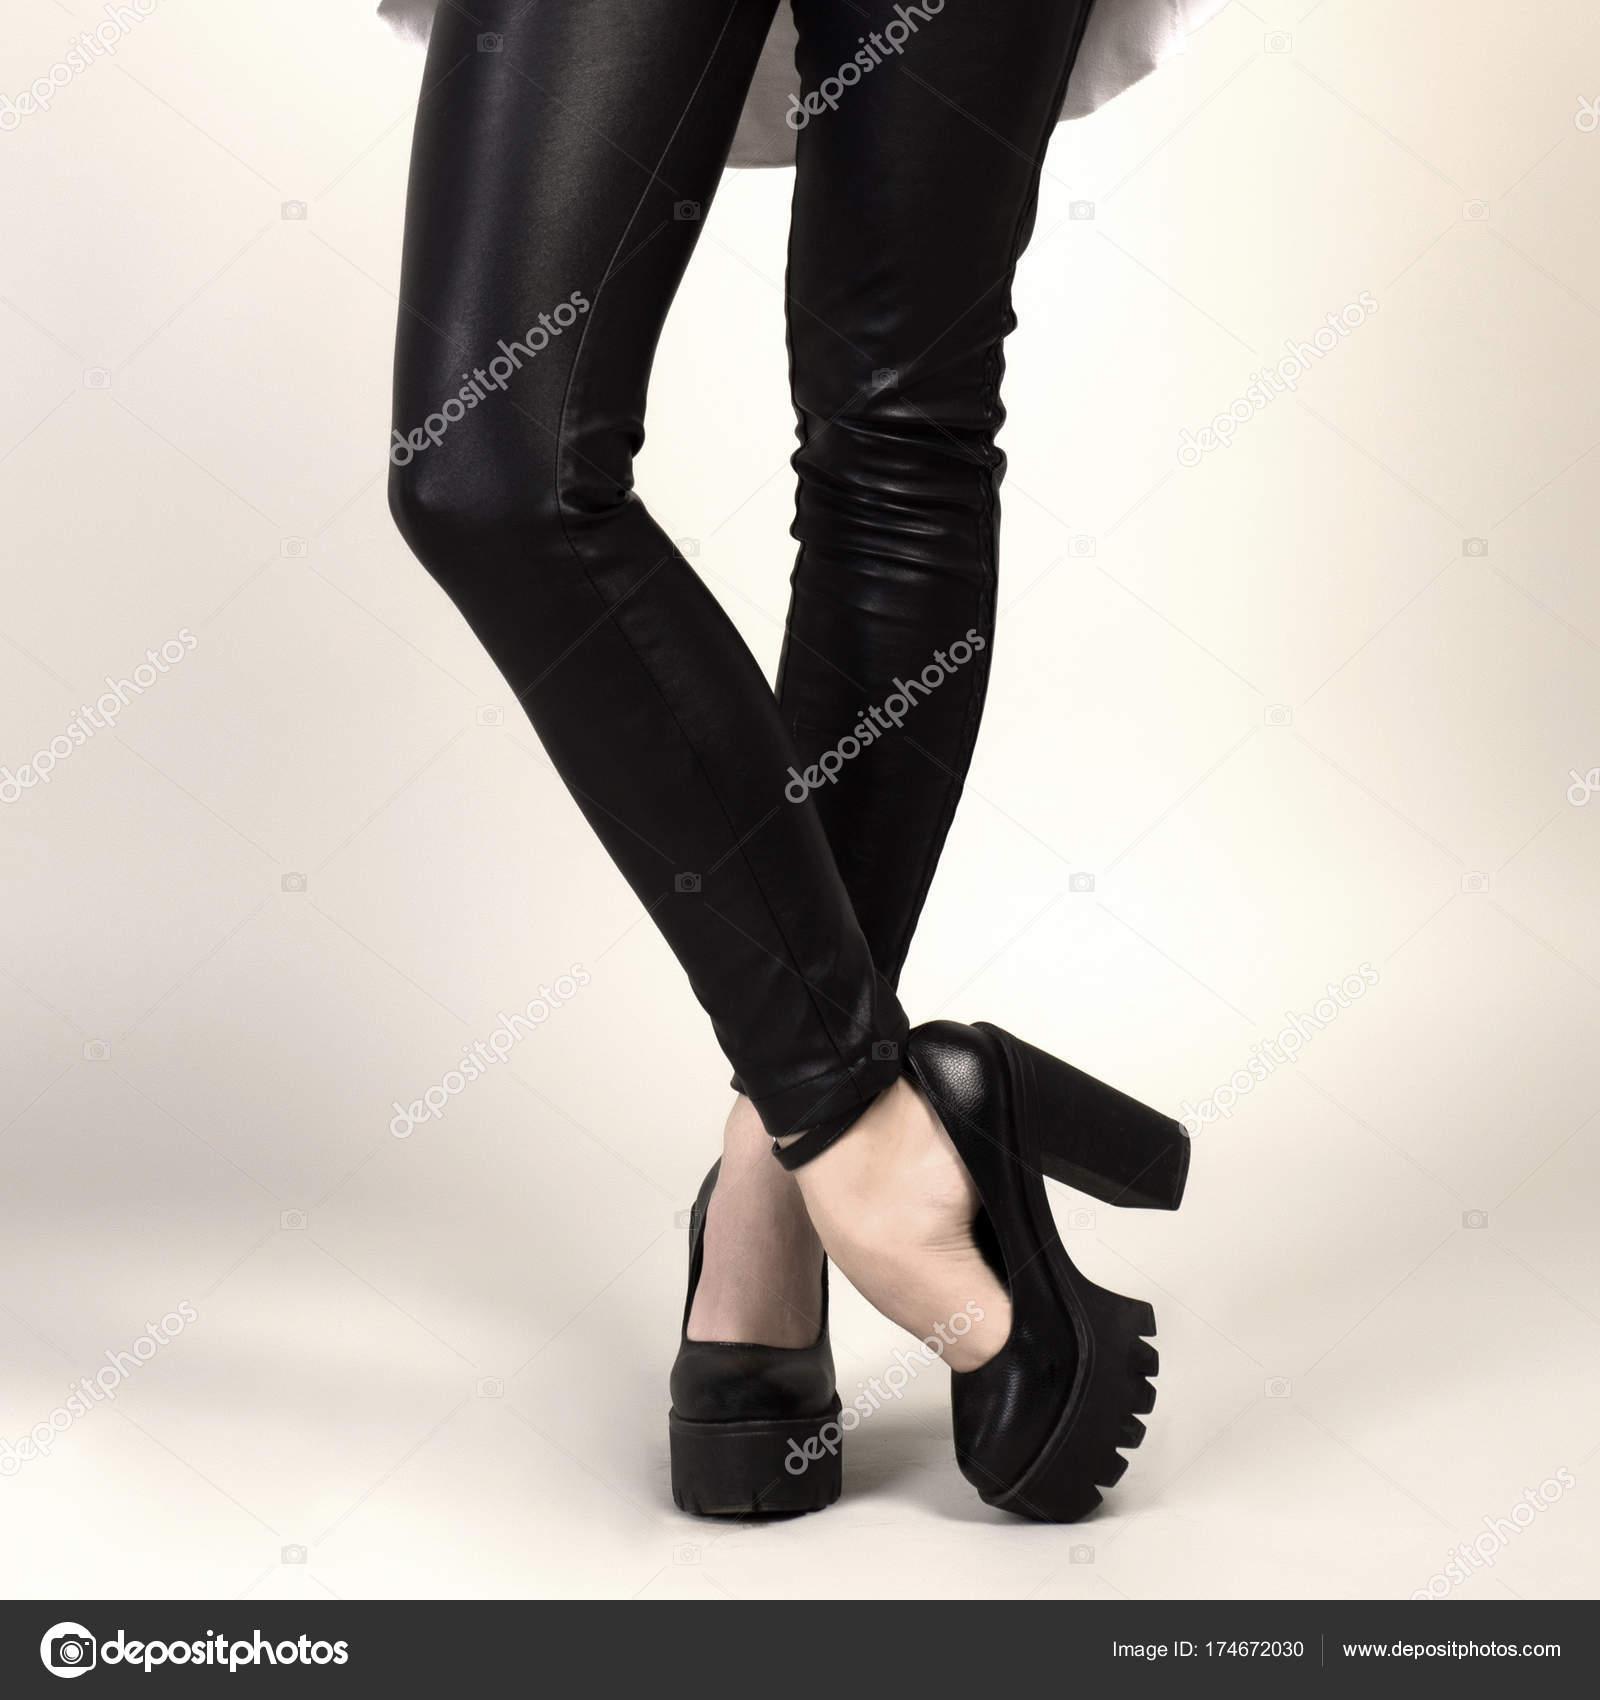 Skinny legs high heels commit error